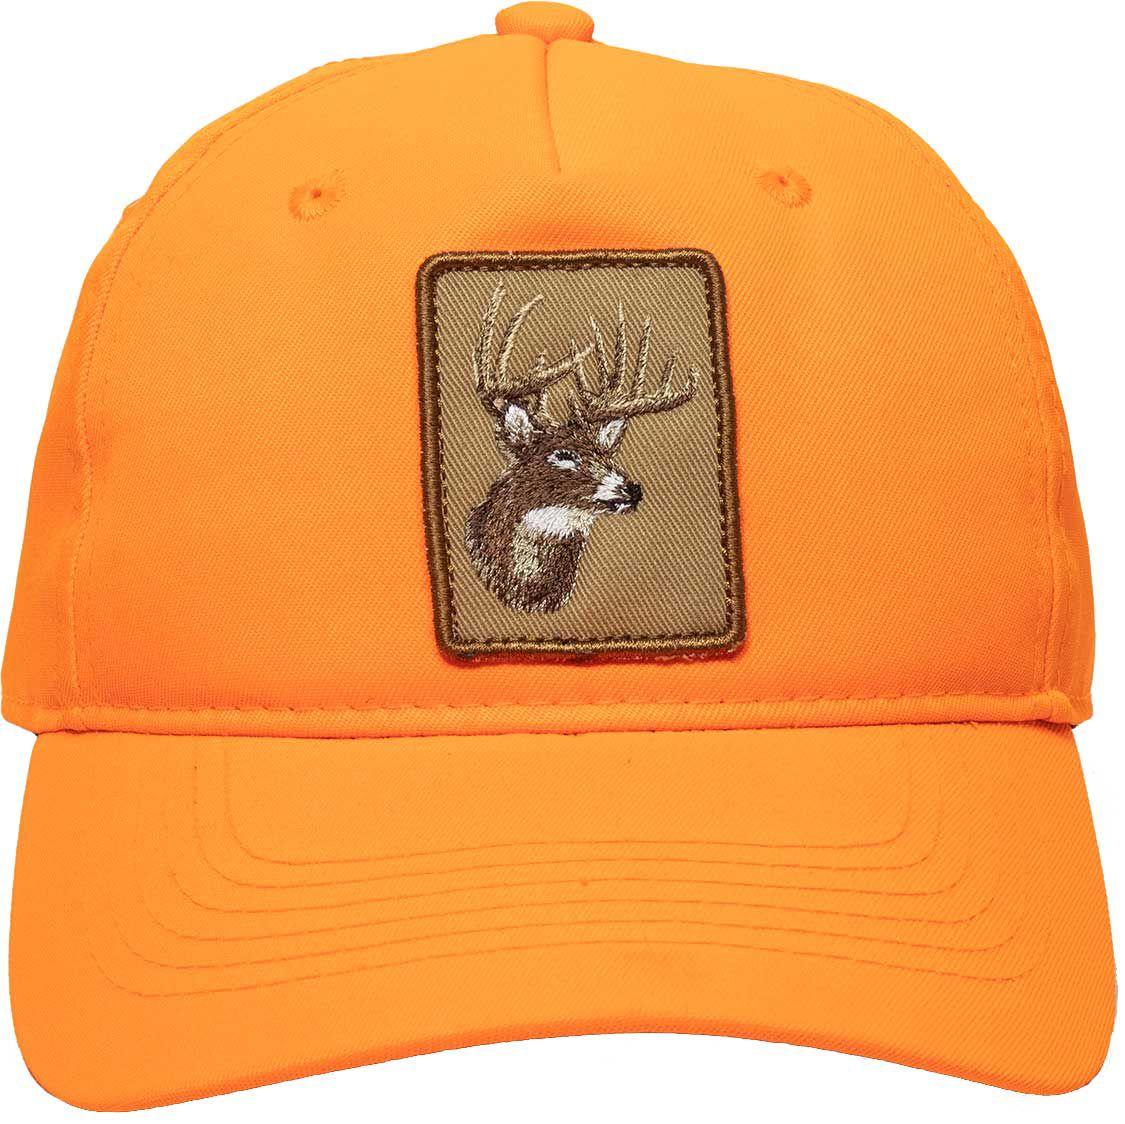 Outdoor Cap Co Men's Deer Patch Opener Hat, No Size, Blaze